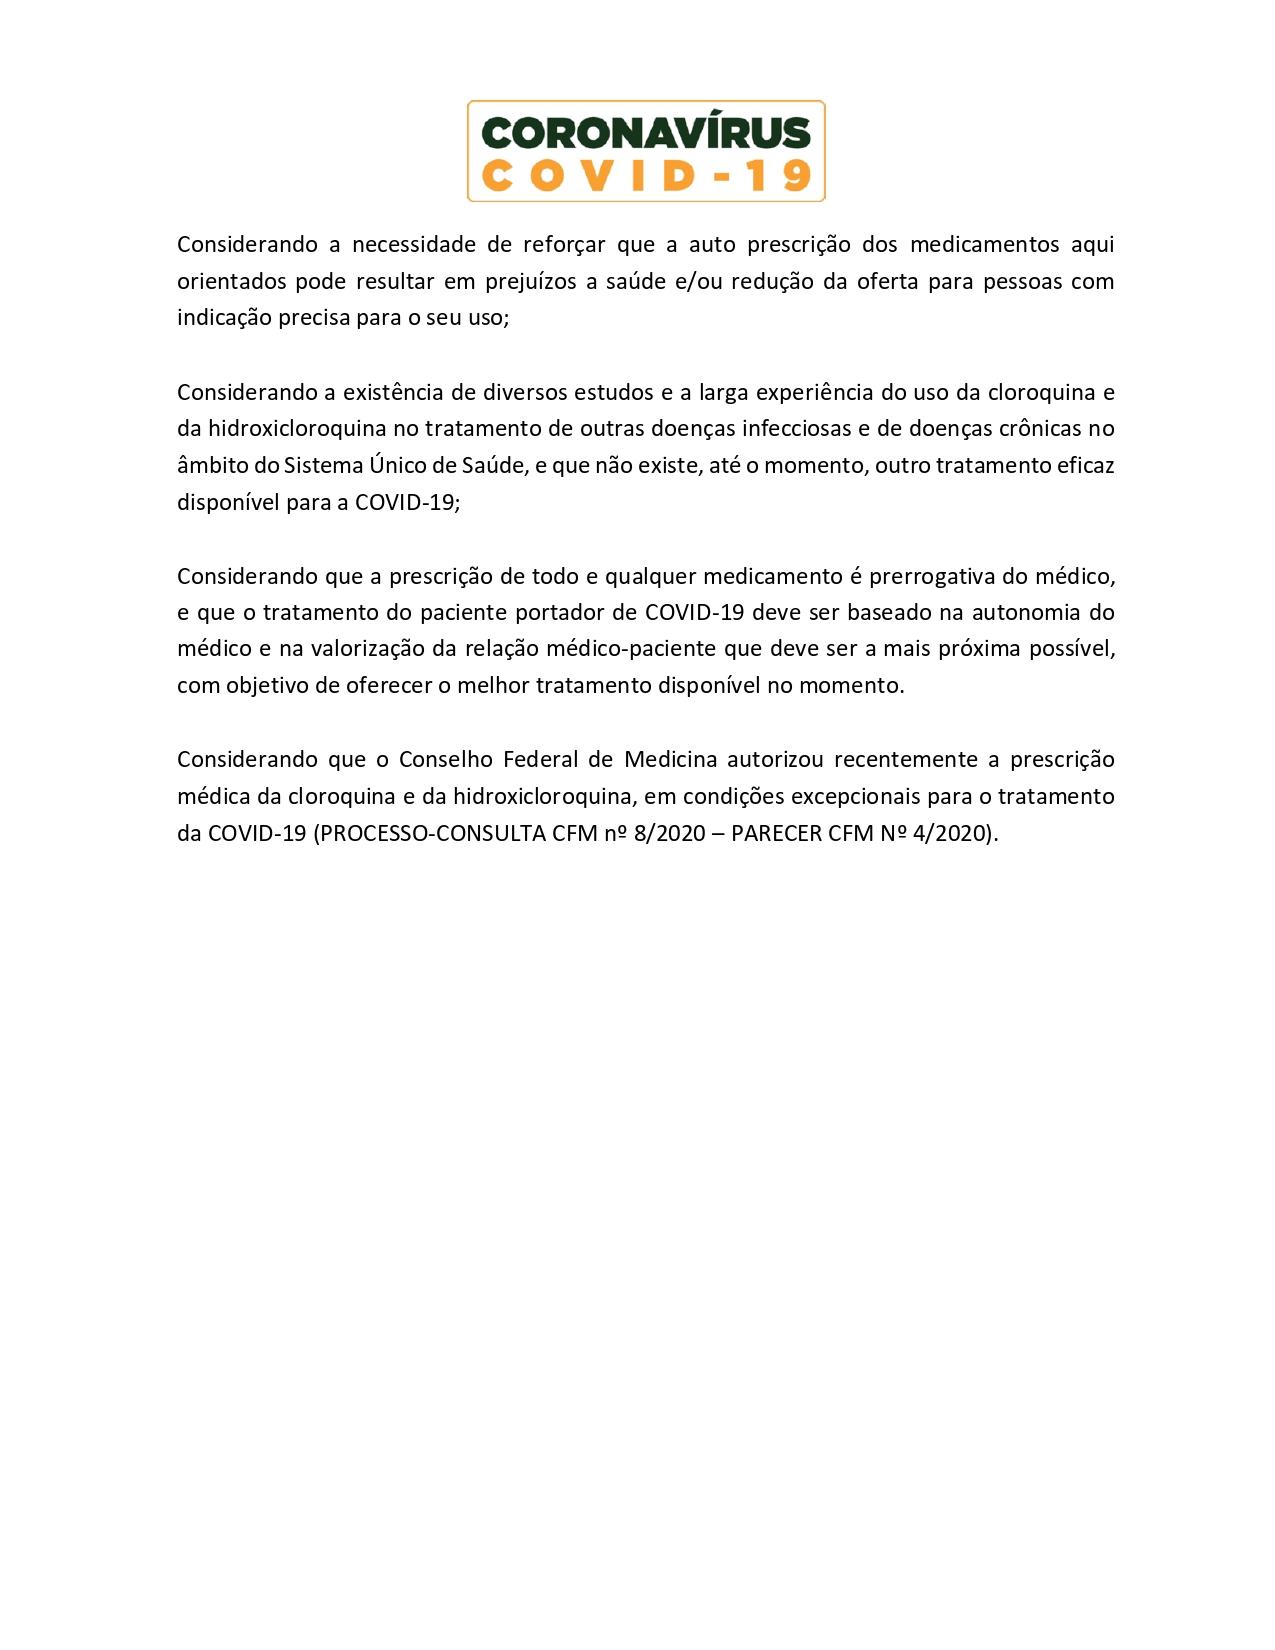 ORIENTAÇÕES DO MINISTÉRIO DA SAÚDE - hidroxi.cloroquina_page-0002